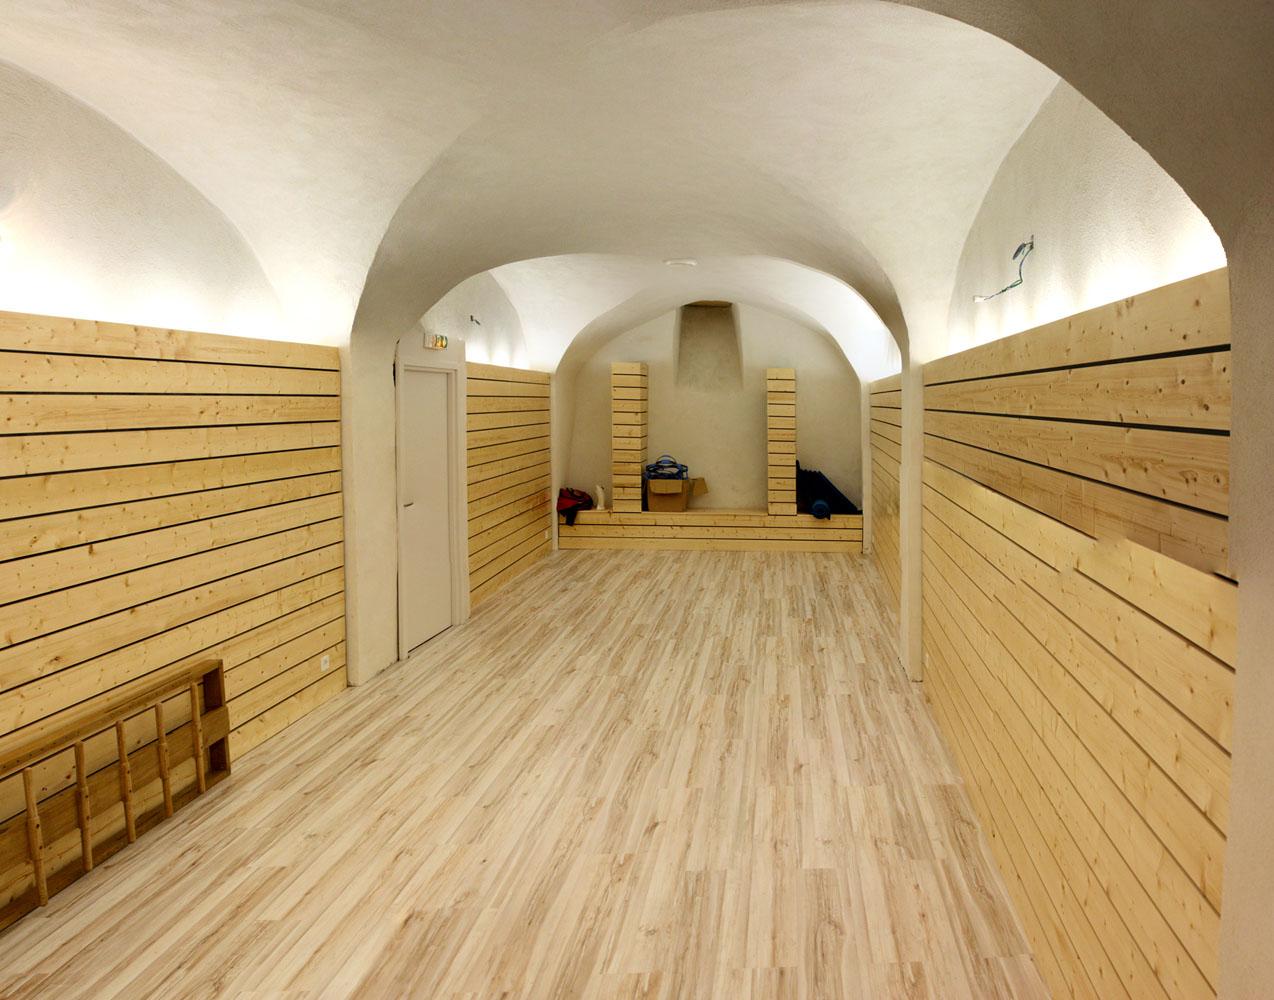 Cabinet de radiologie clermont ferrand 28 images la - Site d architecture gratuit ...